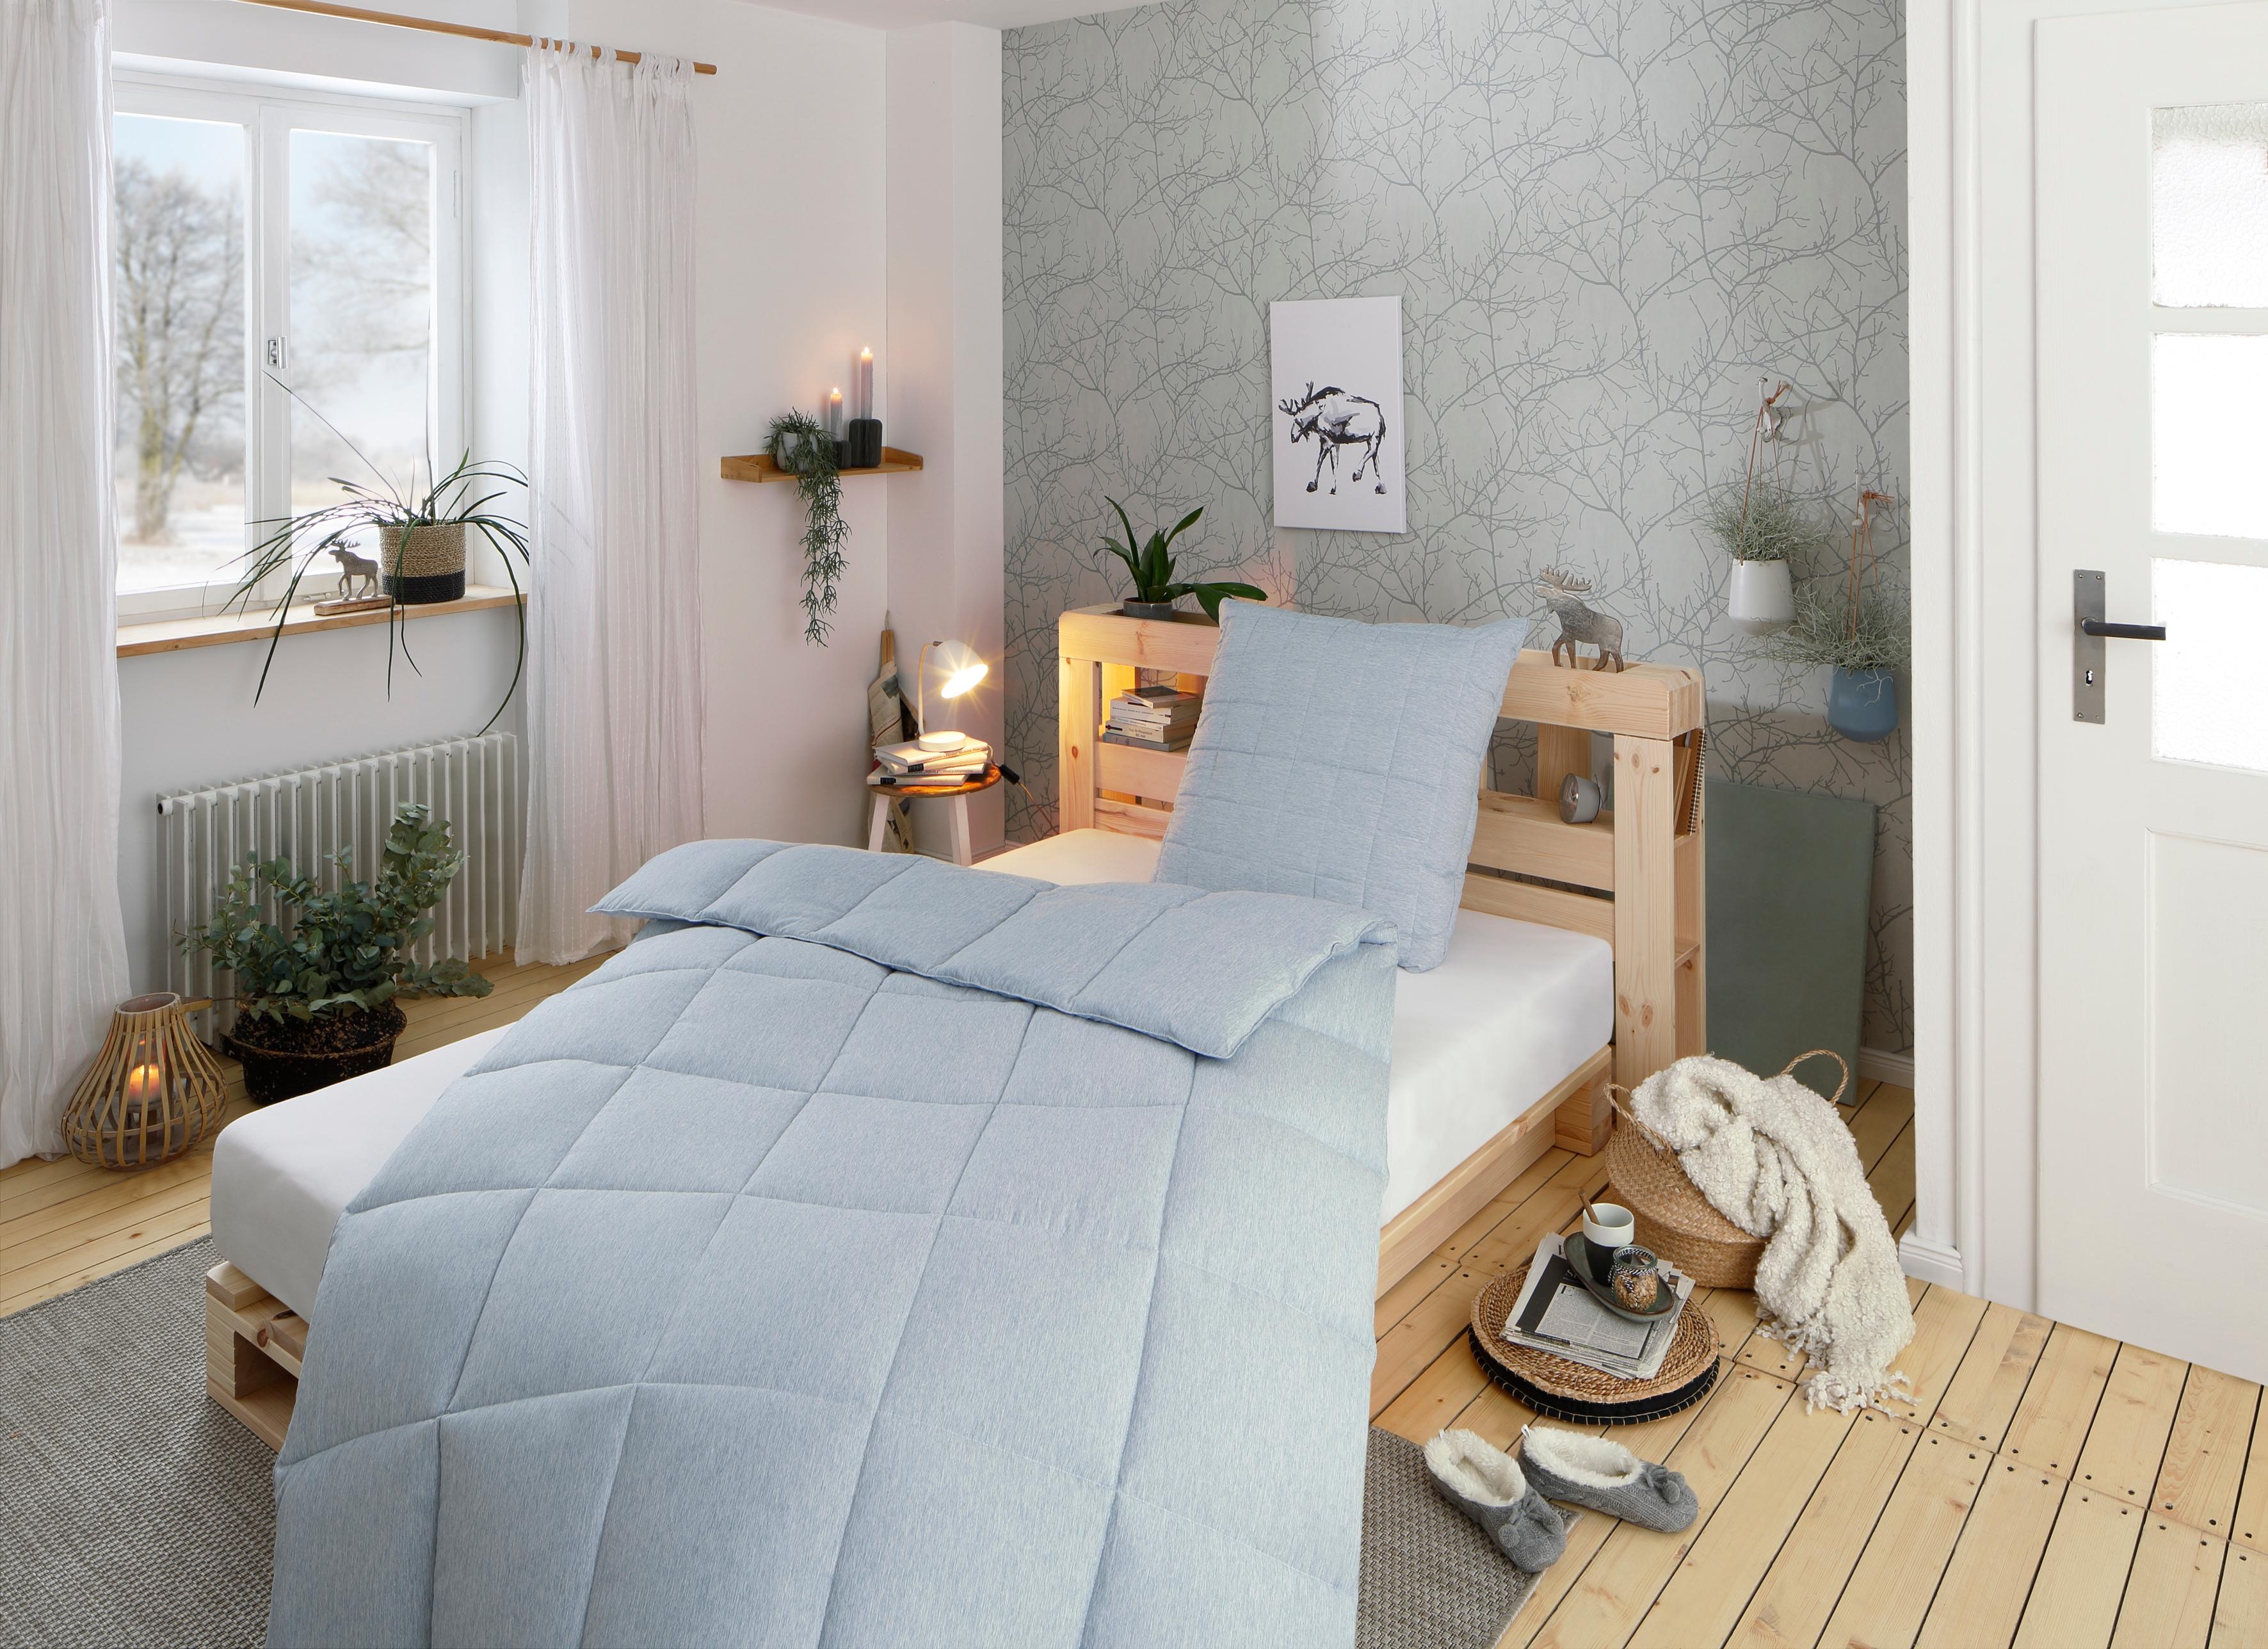 Image of Älgdröm Kunstfaserbettdecke »Norrström«, warm, (1 St.), Modernes schönes skandinavisches Design mit super Preis-/Leistungsverhältnis, erhältlich in 3 Wärmeklassen